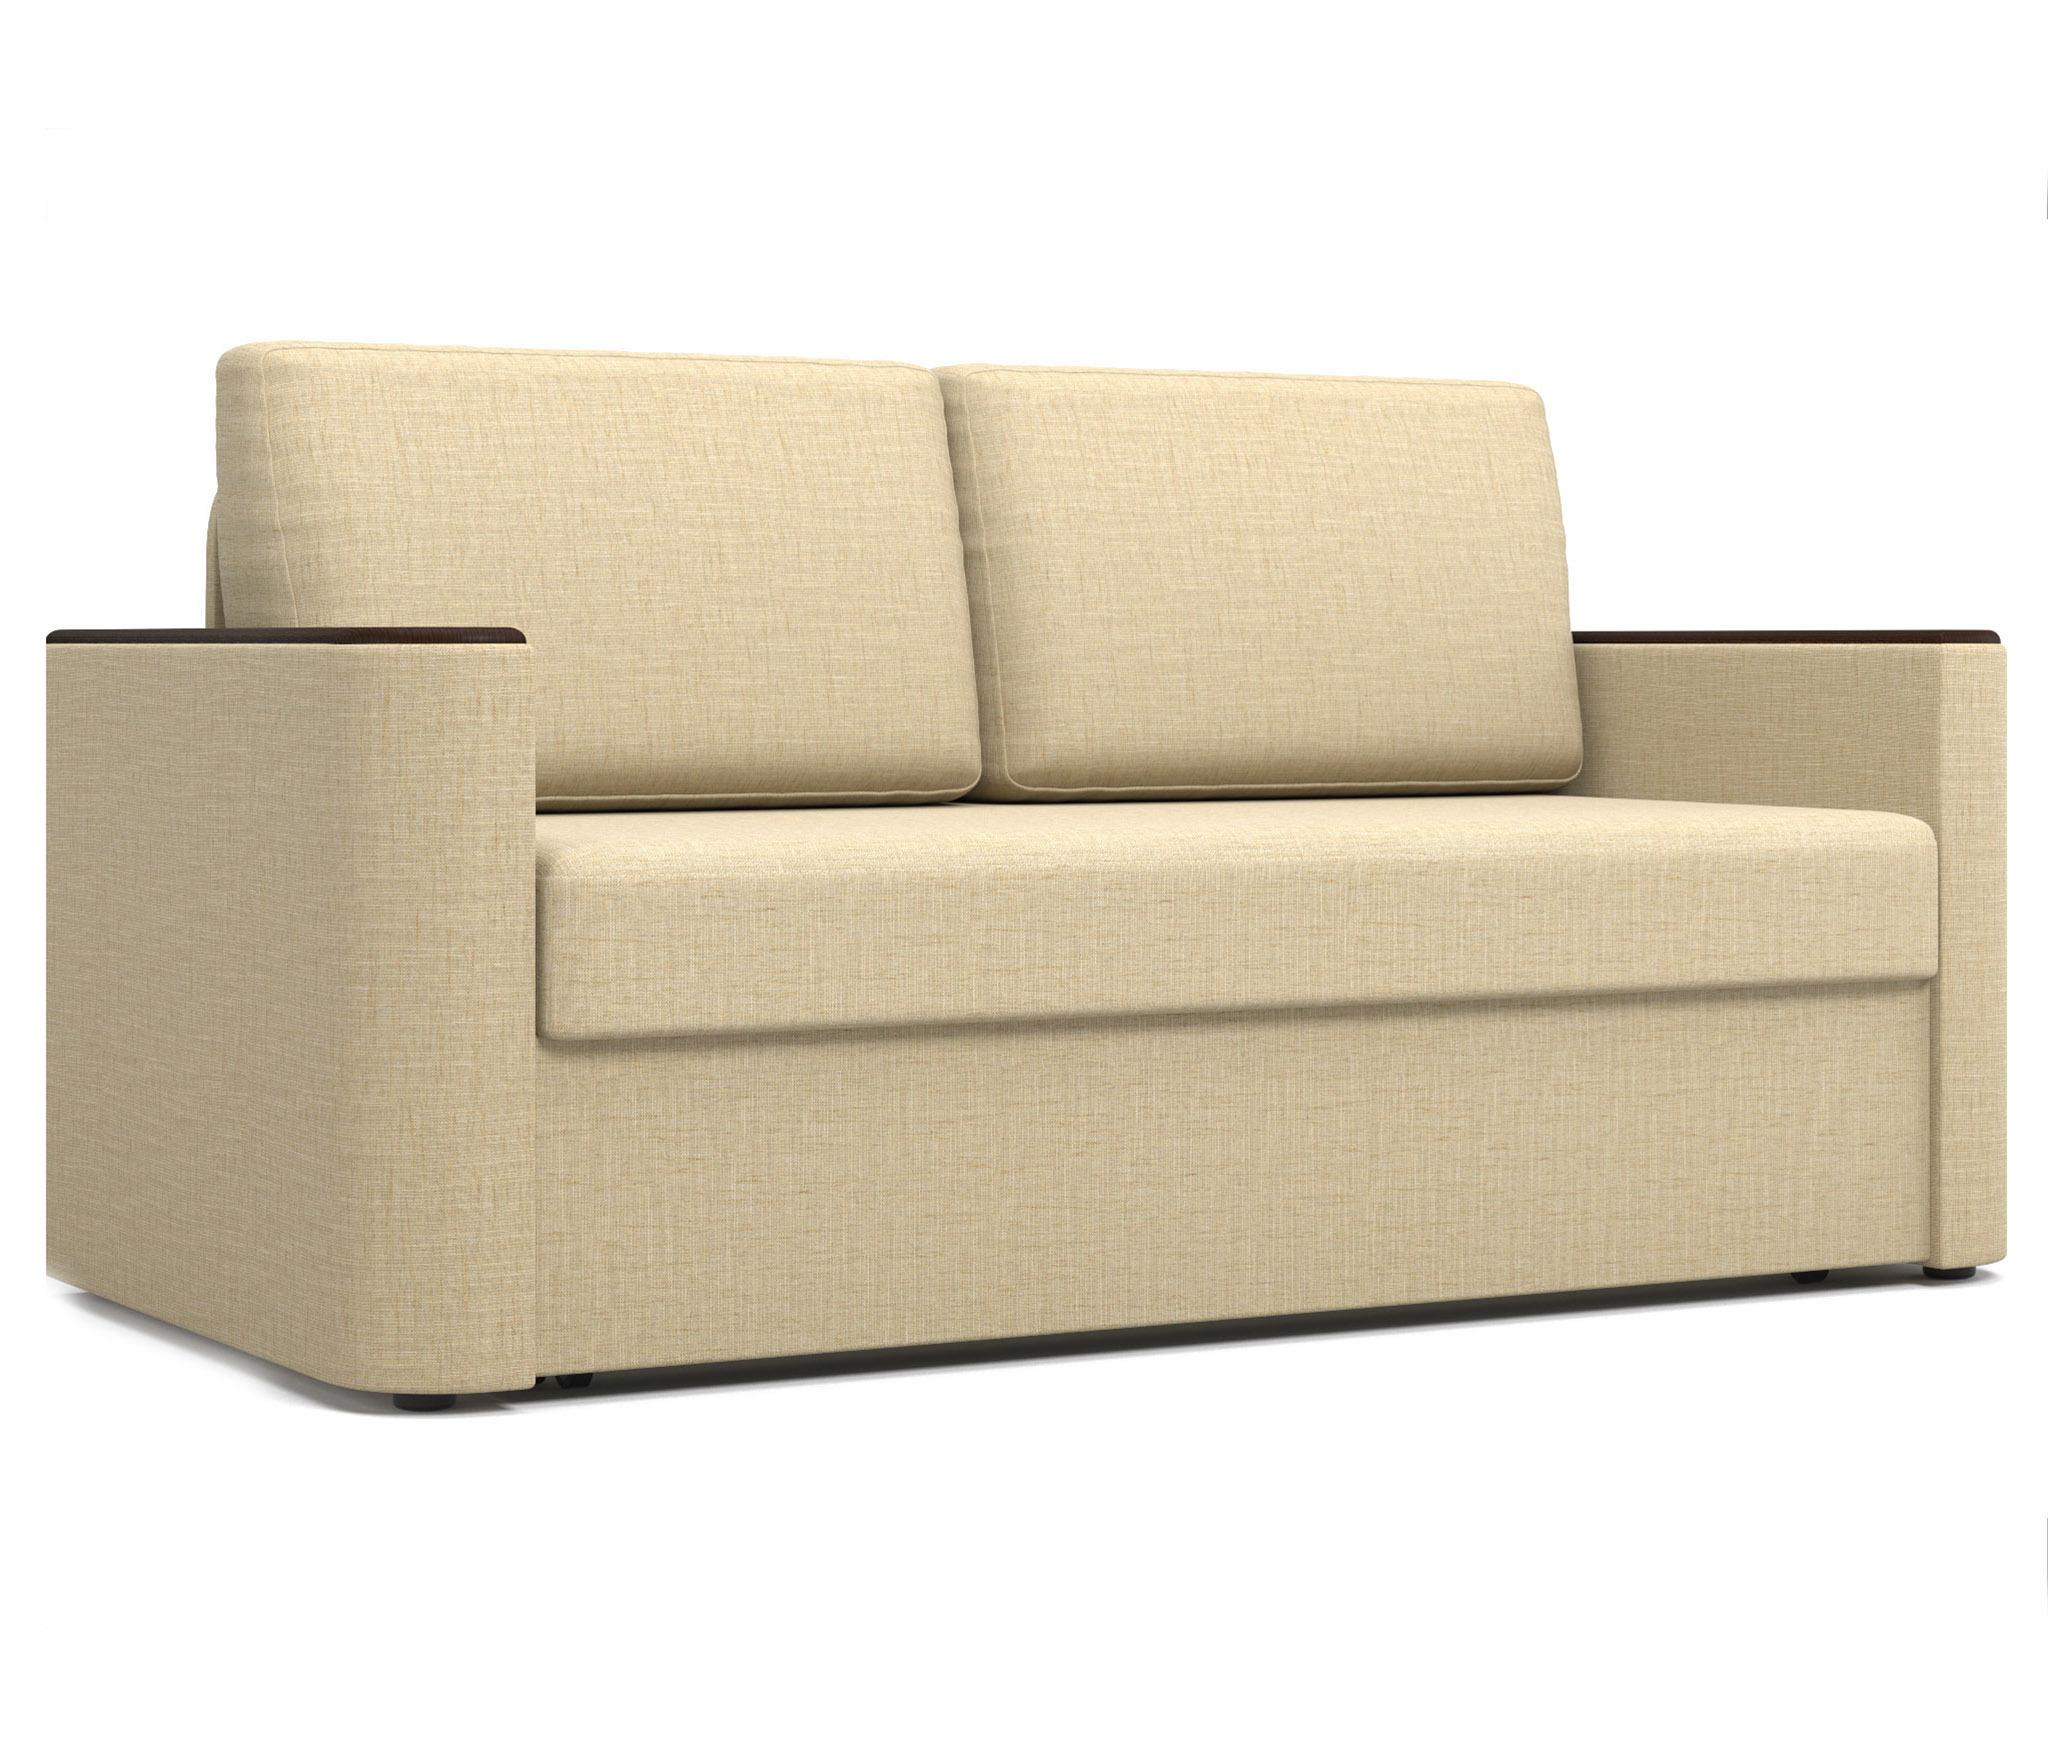 Джонас мини-диванМягкая мебель<br>Механизм трансформации: Дельфин&#13;Наличие ящика для белья: нет&#13;Материал каркаса: Массив, Фанера&#13;Наполнитель: ППУ&#13;Размер спального места: 1390 х 1880 мм&#13;Высота сиденья от пола: 45 см&#13;]]&gt;<br><br>Длина мм: 1620<br>Высота мм: 860<br>Глубина мм: 880